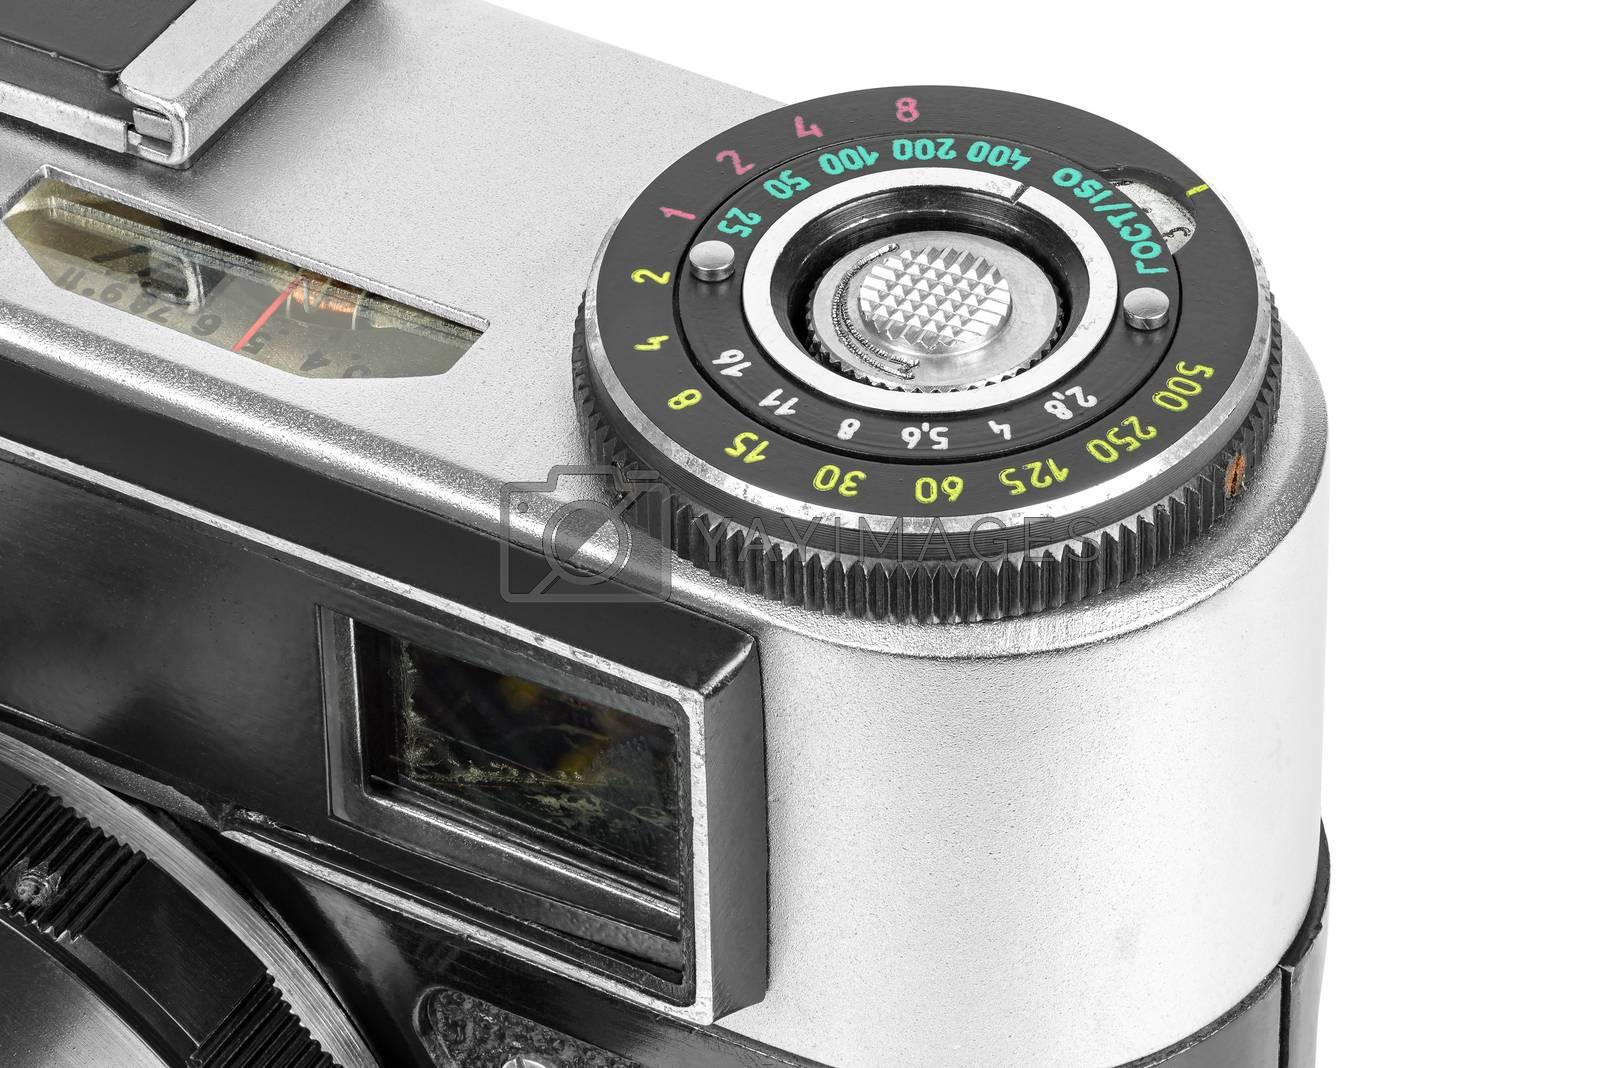 Closeup of control wheel of vintage camera